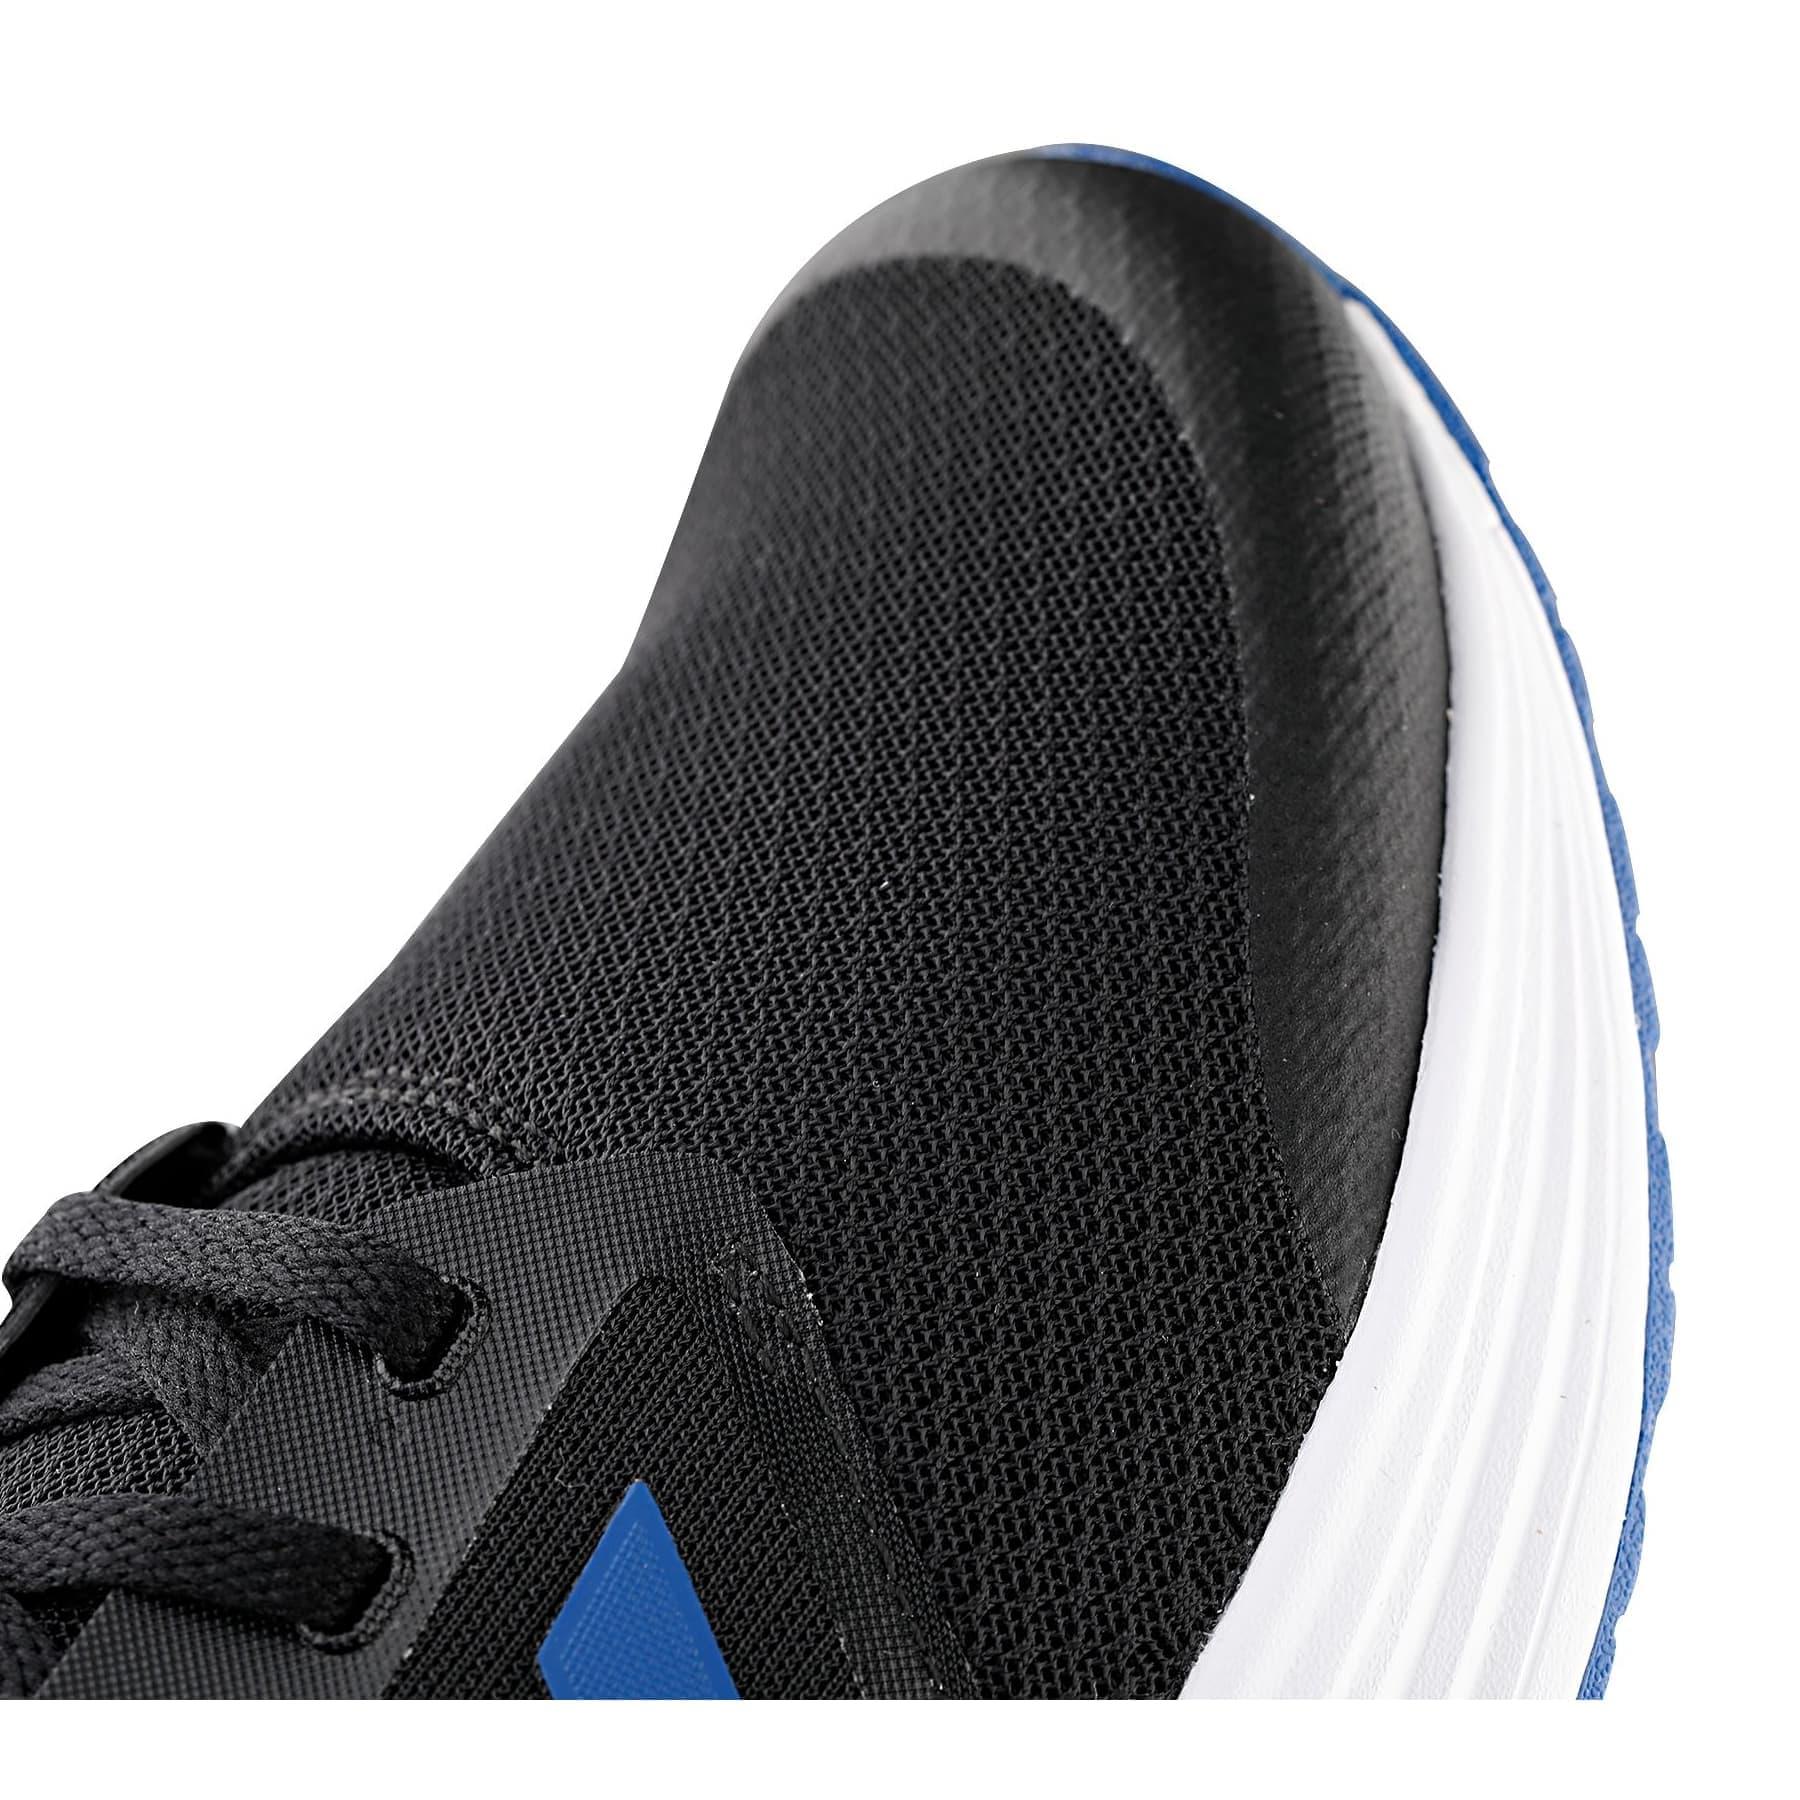 Galaxy 5 Erkek Siyah Koşu Ayakkabısı